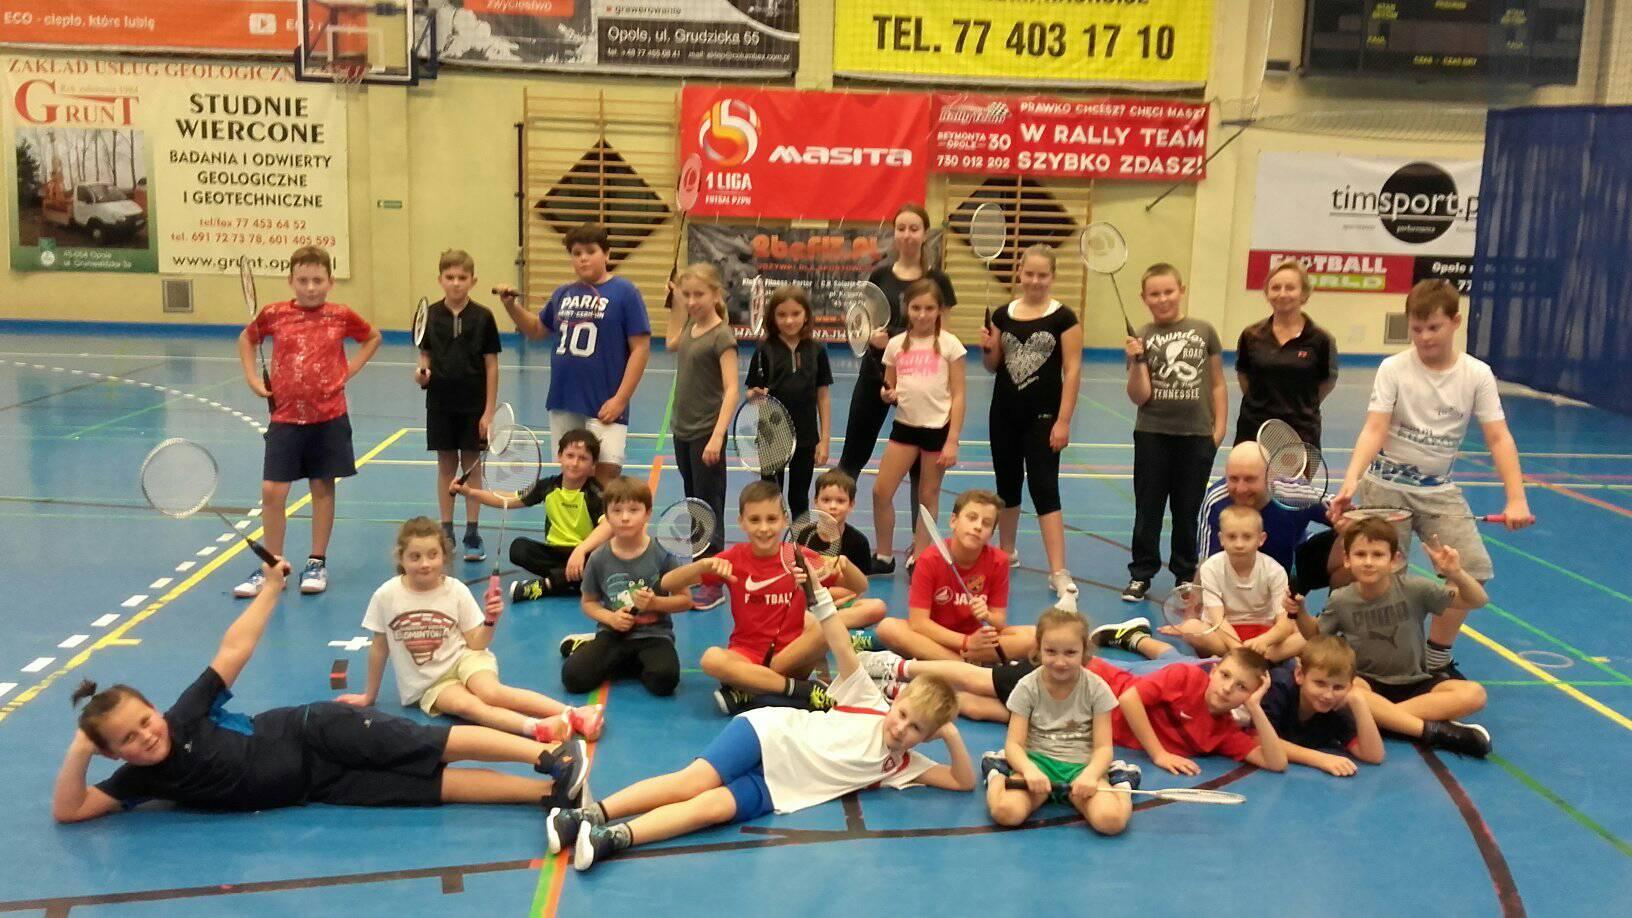 treningi badmintona dla dzieci i młodzieży